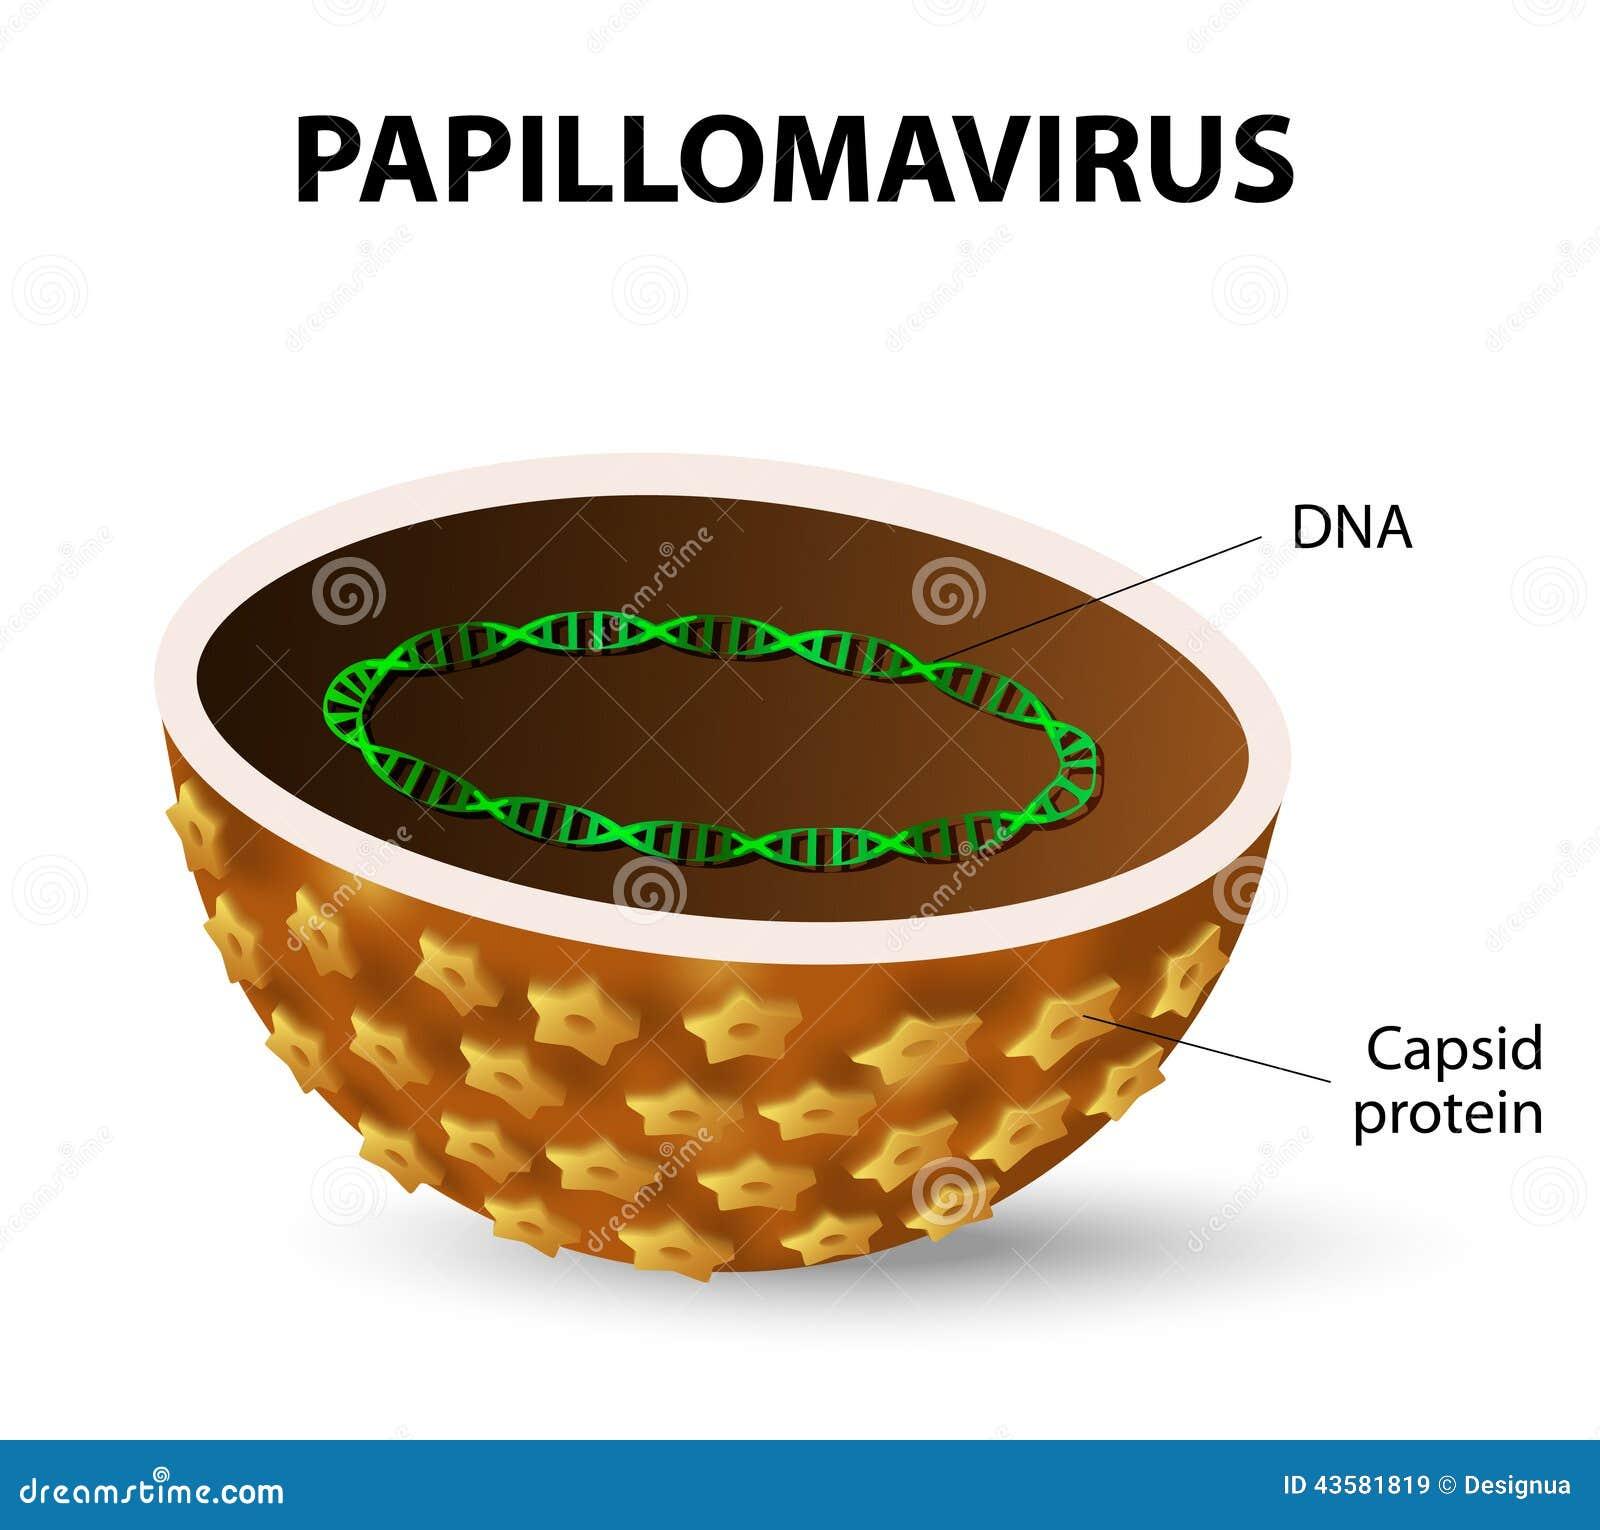 és a hpv vírus)